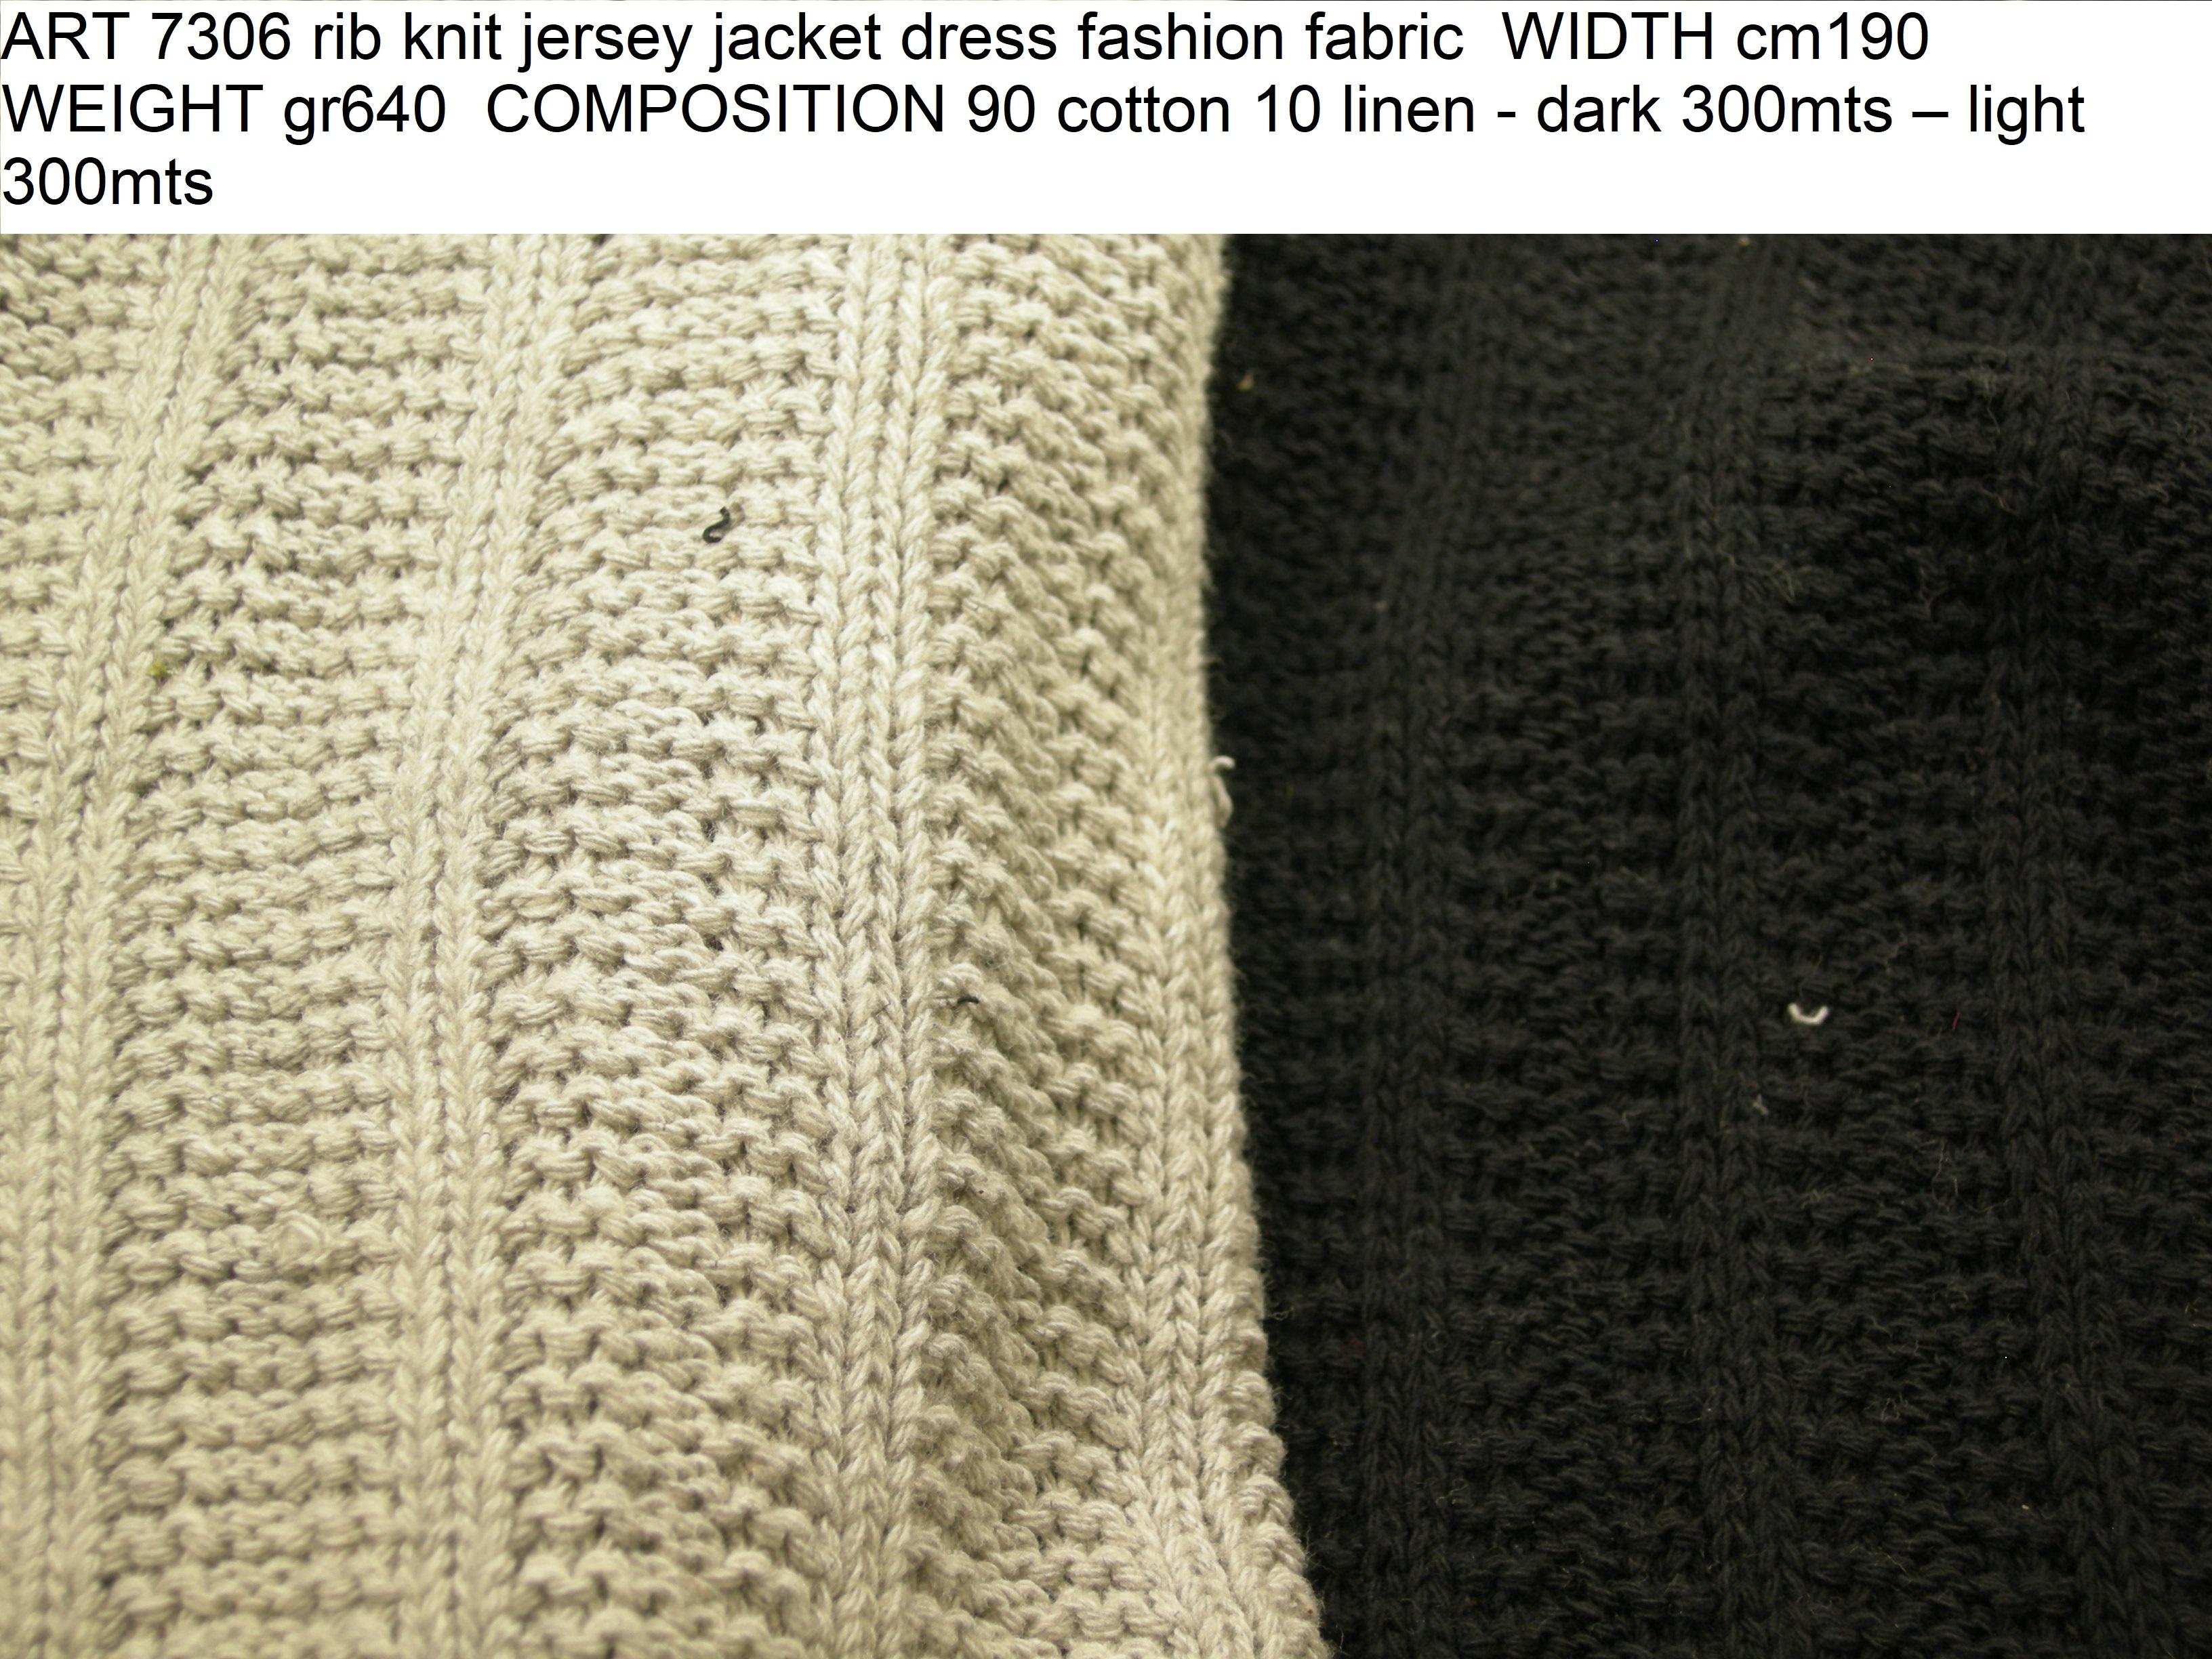 ART 7306 rib knit jersey jacket dress fashion fabric WIDTH cm190 WEIGHT gr640 COMPOSITION 90 cotton 10 linen - dark 300mts – light 300mts